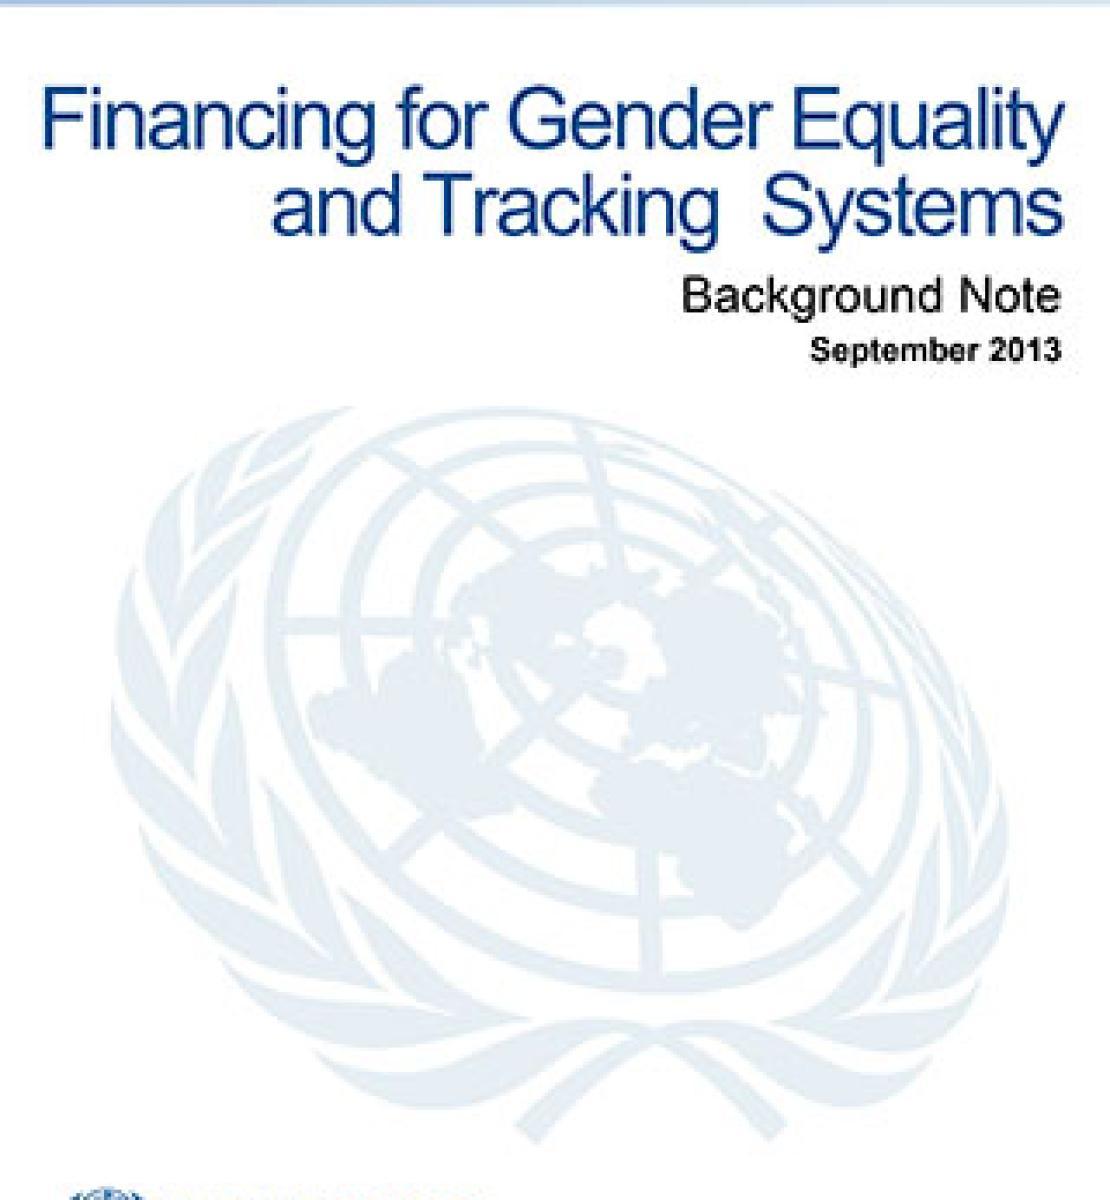 Financement de programmes pour l'égalité des sexes et dispositifs de suivi des investissements - Note d'information